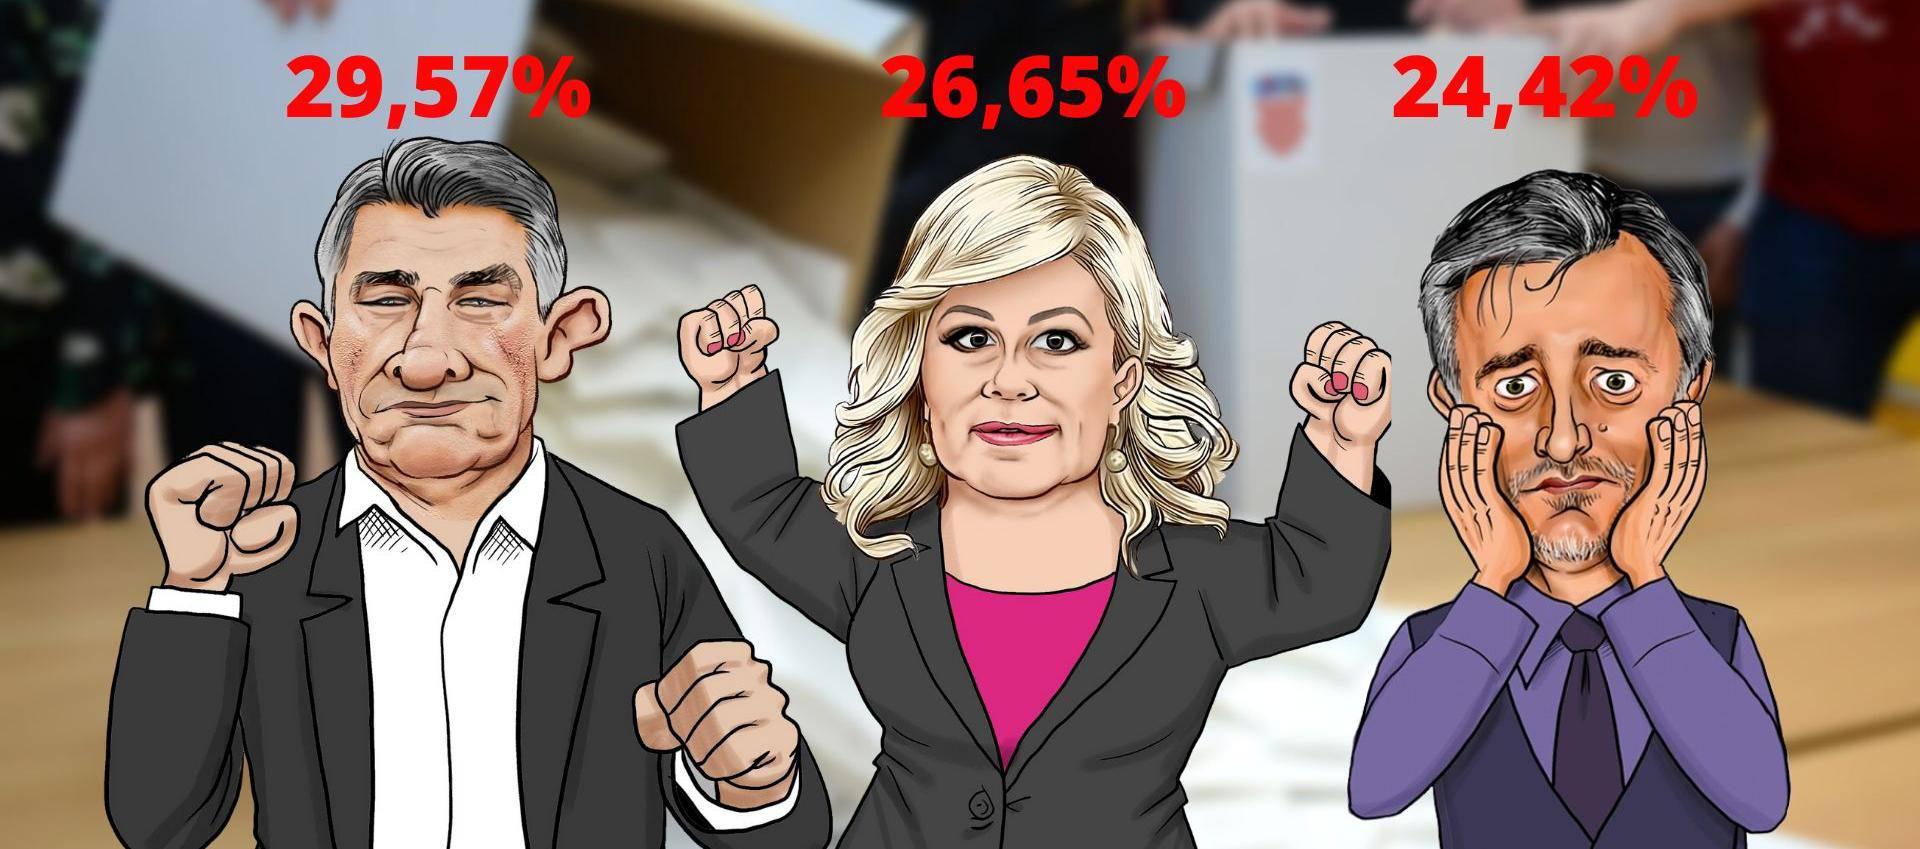 Milanović i Kolinda u 2. krugu: Škori falilo 42 tisuće glasova!